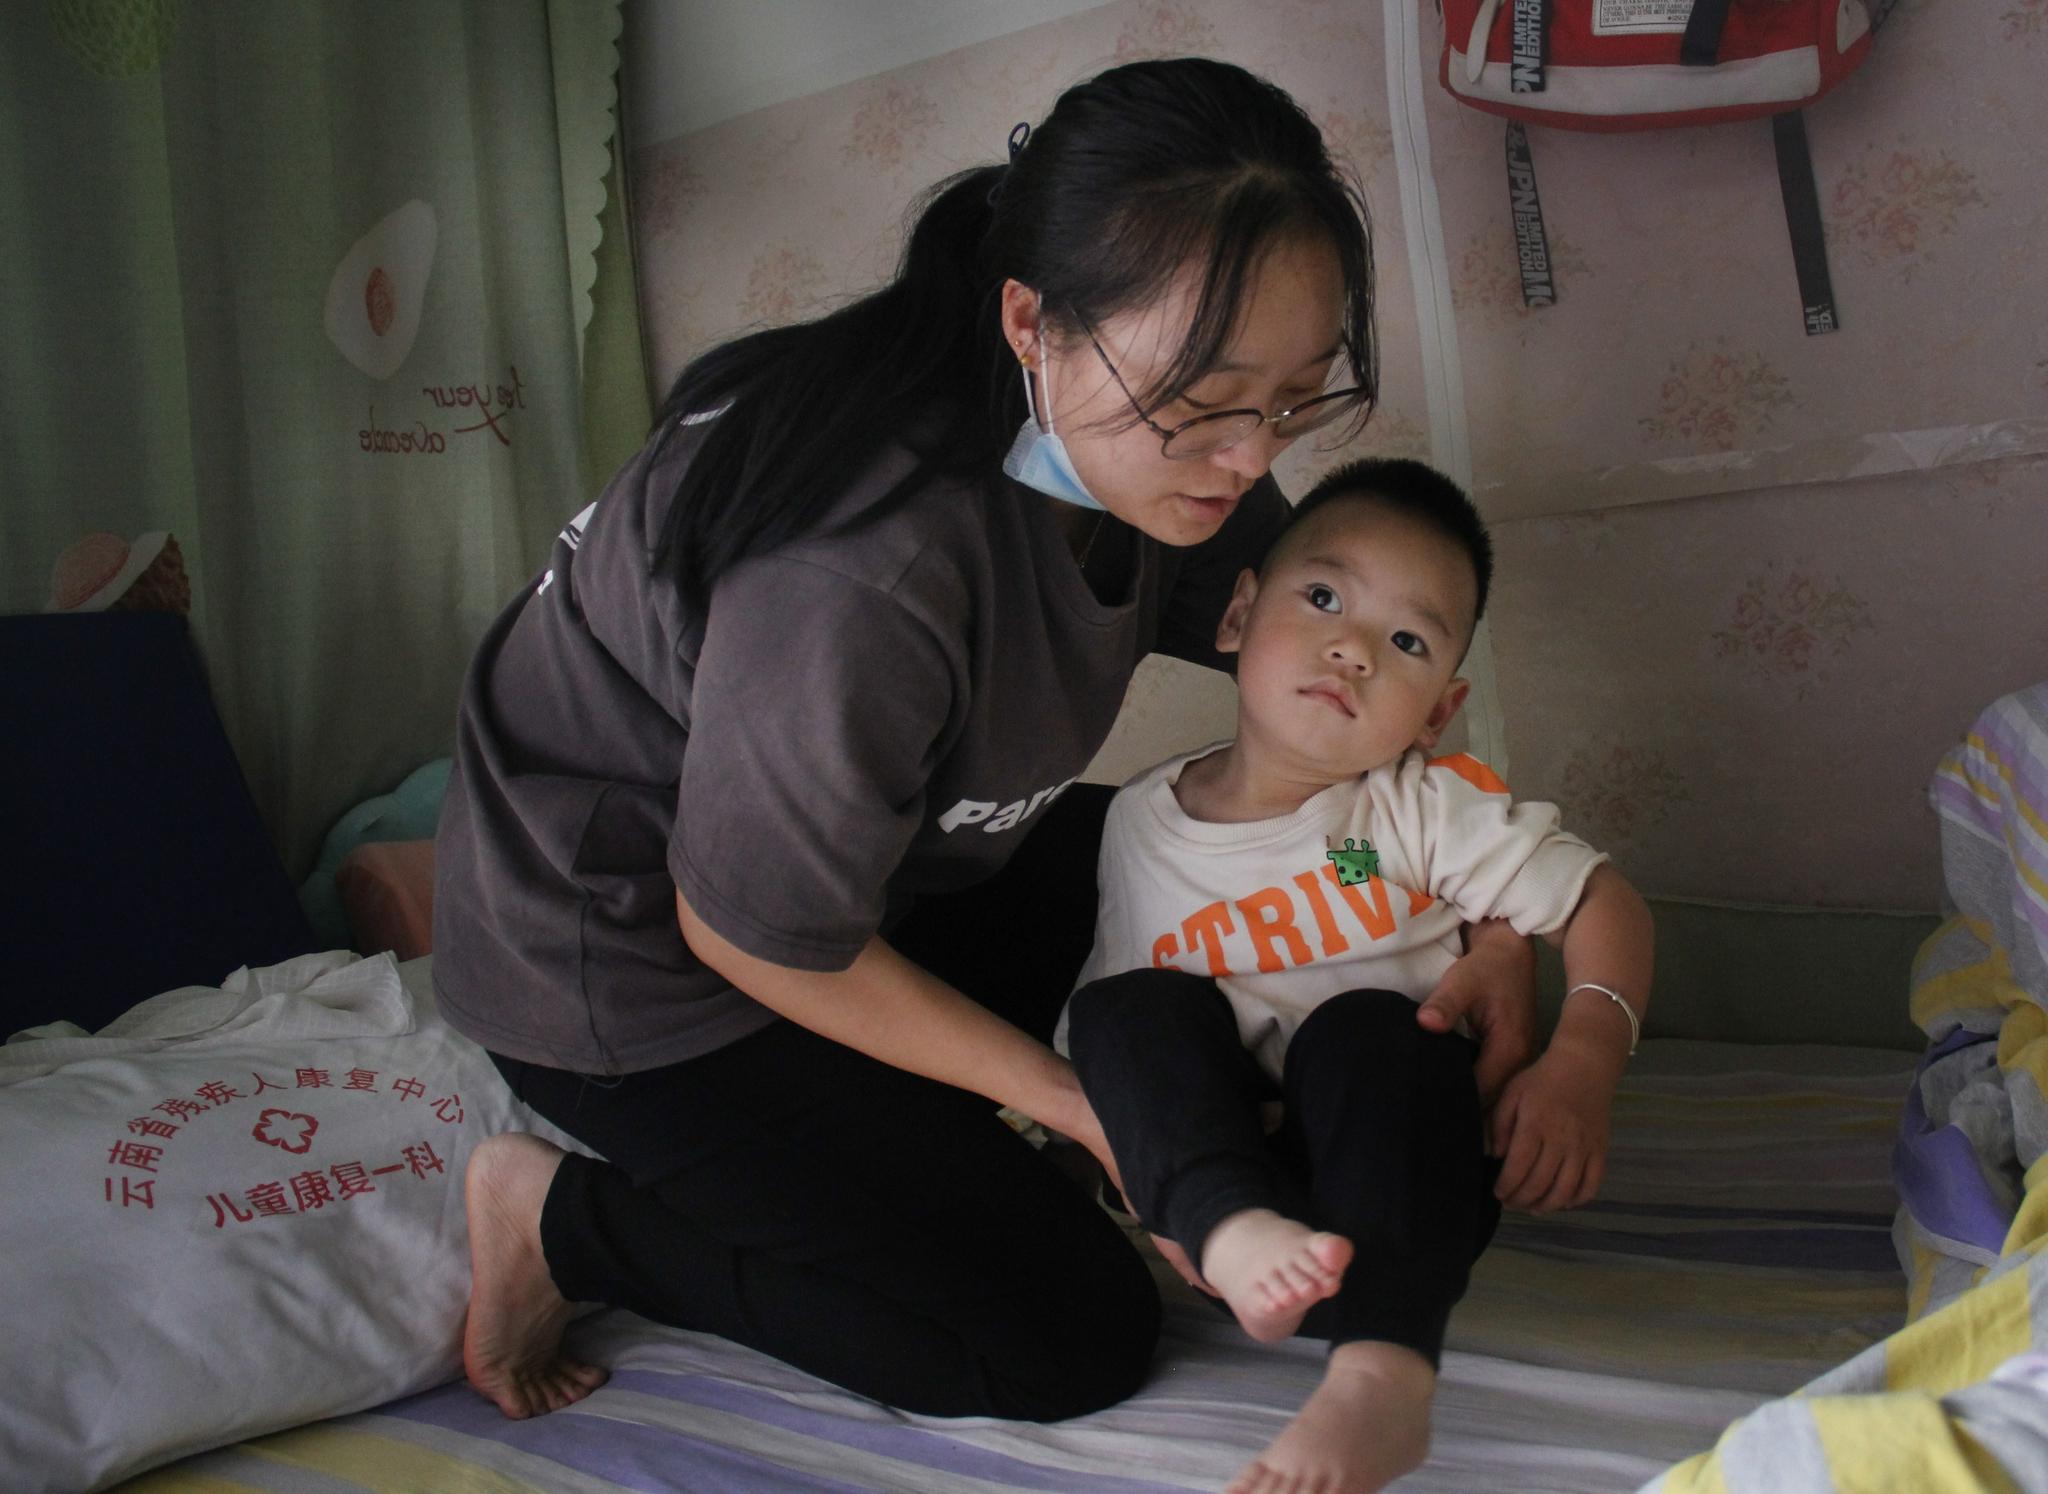 男婴出生后哭闹不止,妈妈没放在心上,直到半岁才发现已酿下悲剧